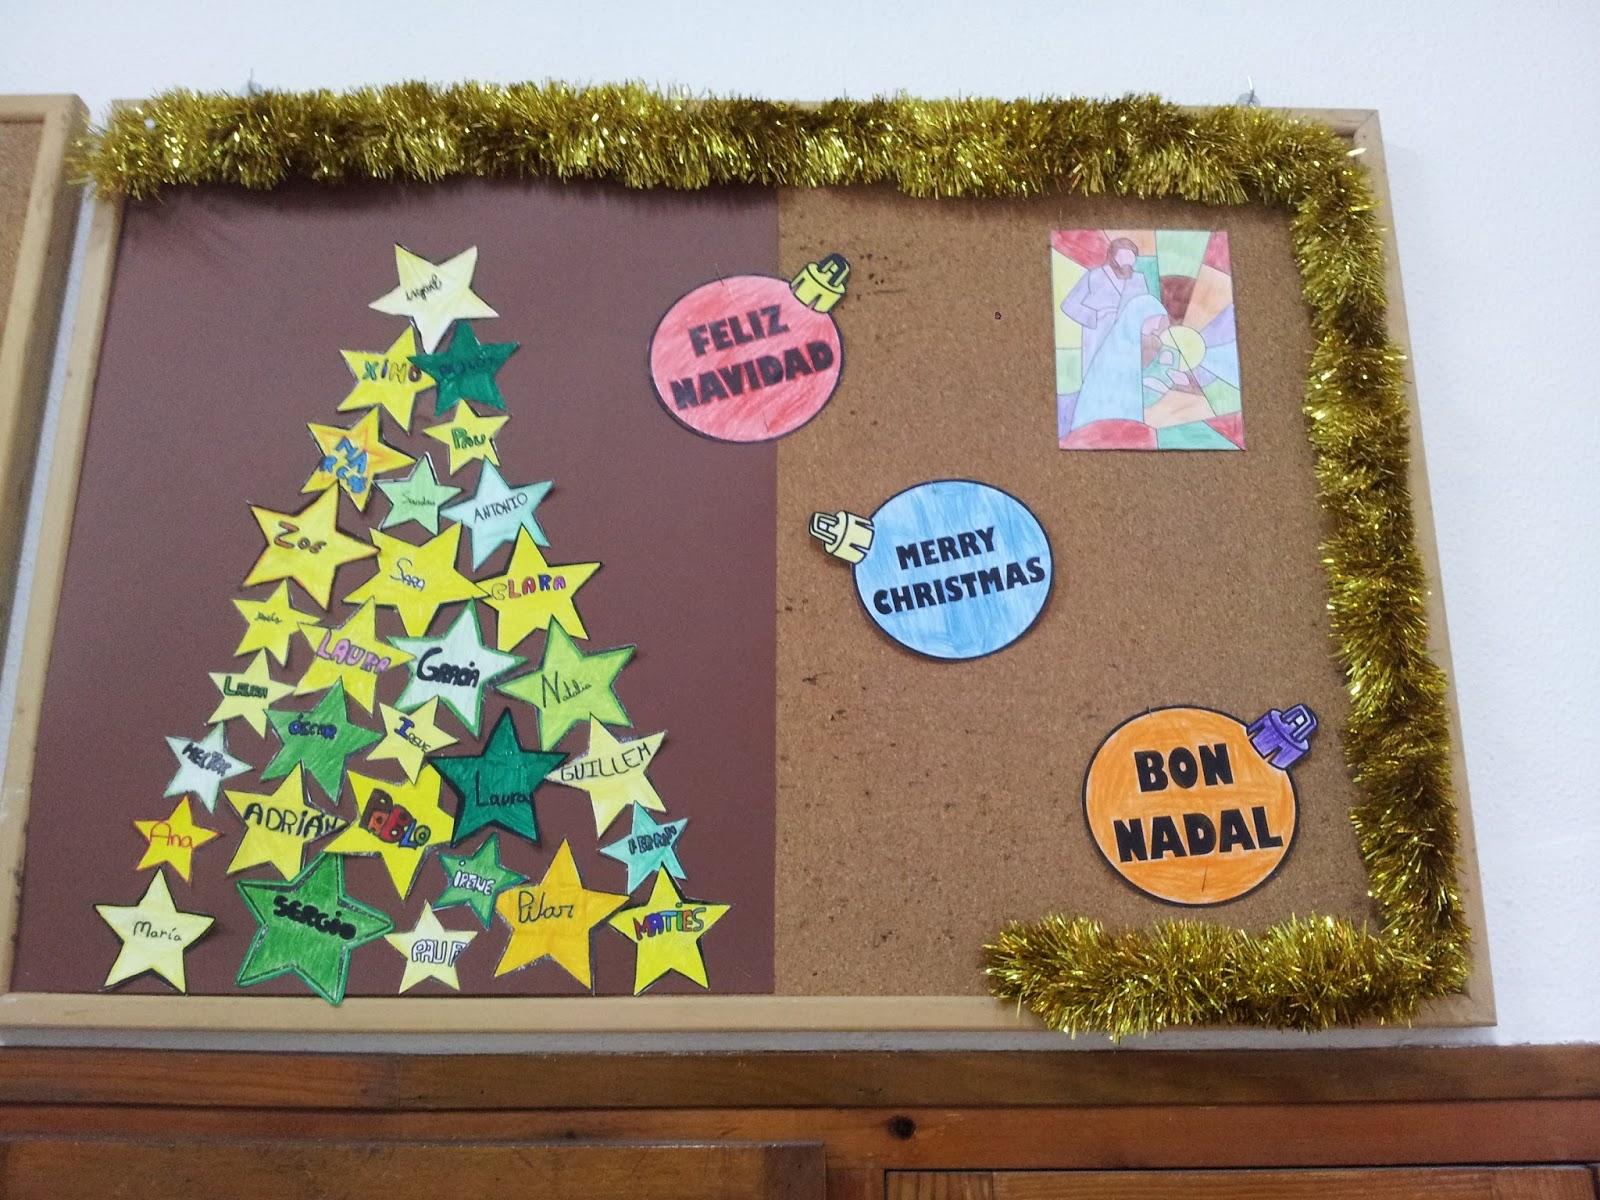 El gran equipo de cuarto nuestros murales de adviento y - Murales decorativos de navidad ...